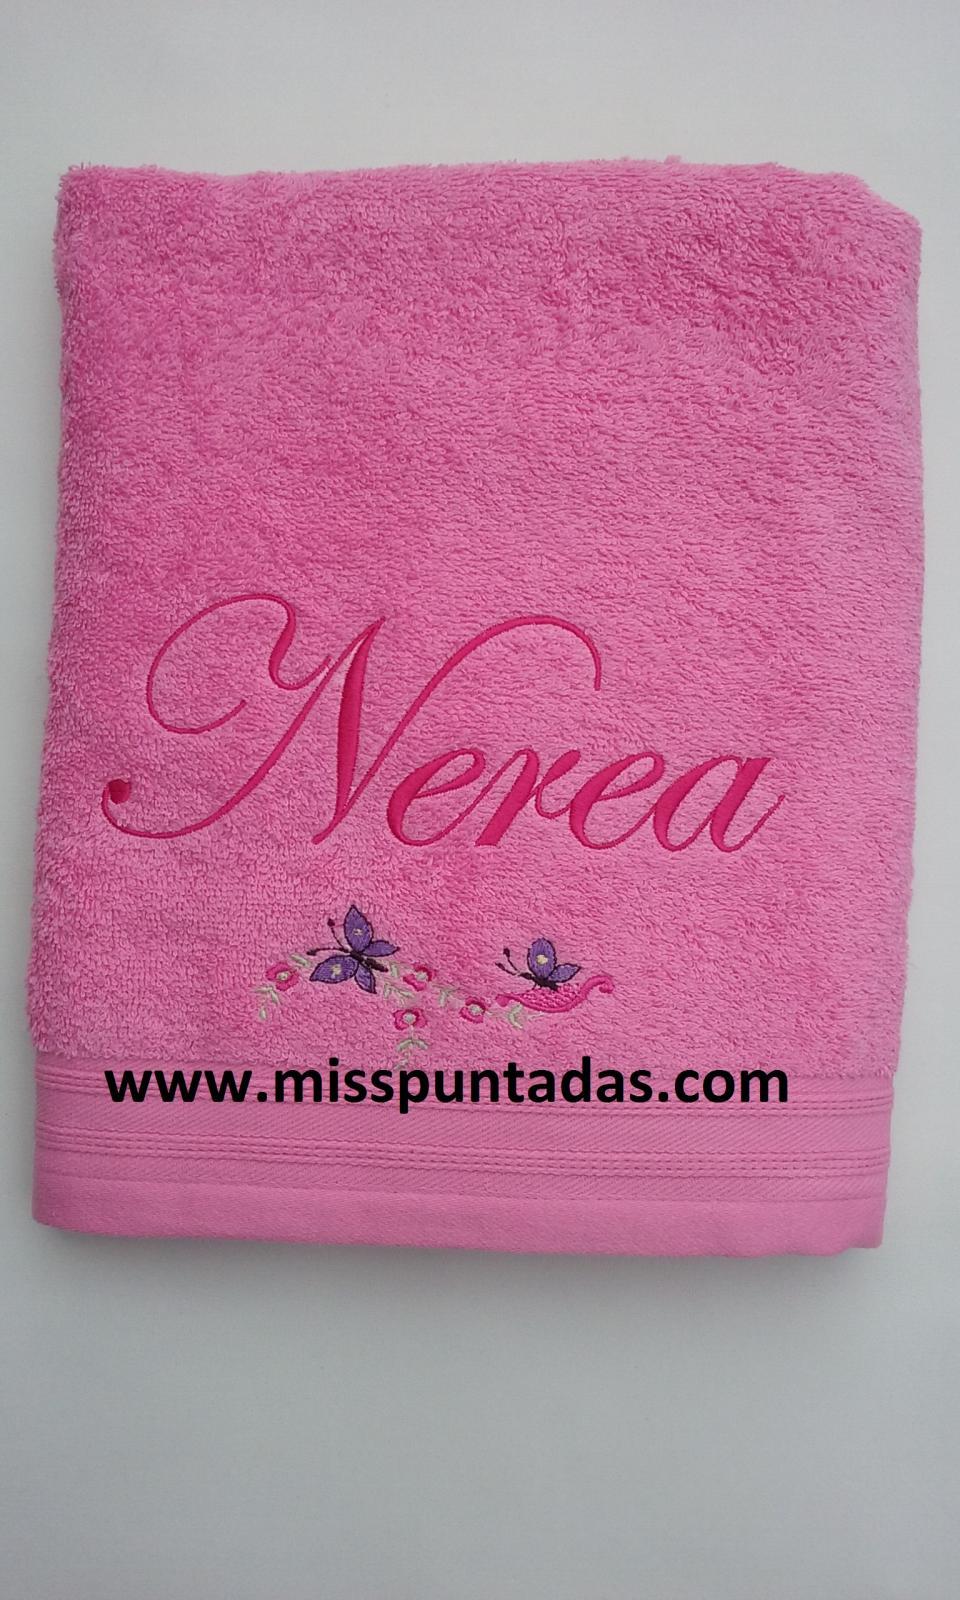 Toalla Mariposas Nerea.